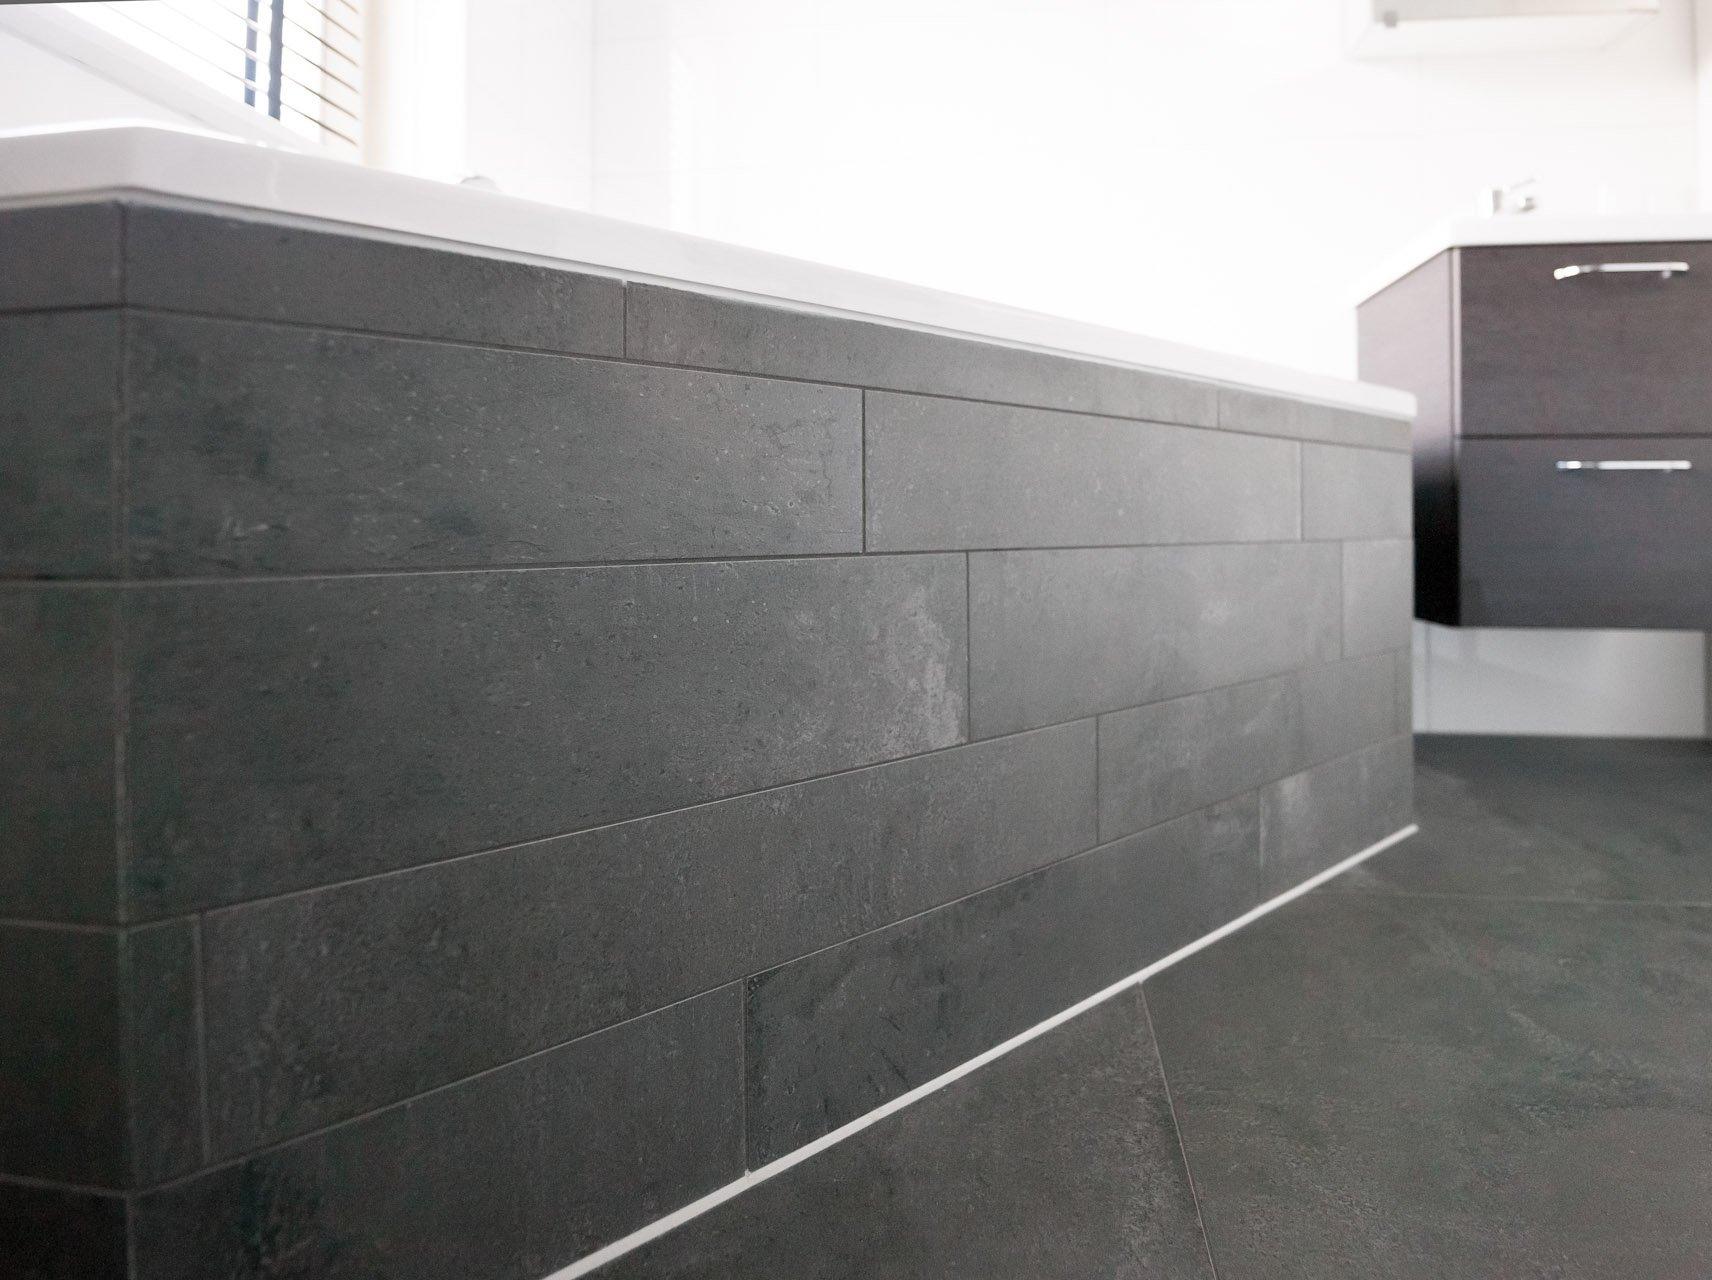 Wandtegels Badkamer Antraciet : Antraciet vloertegels in woonkamer en badkamer